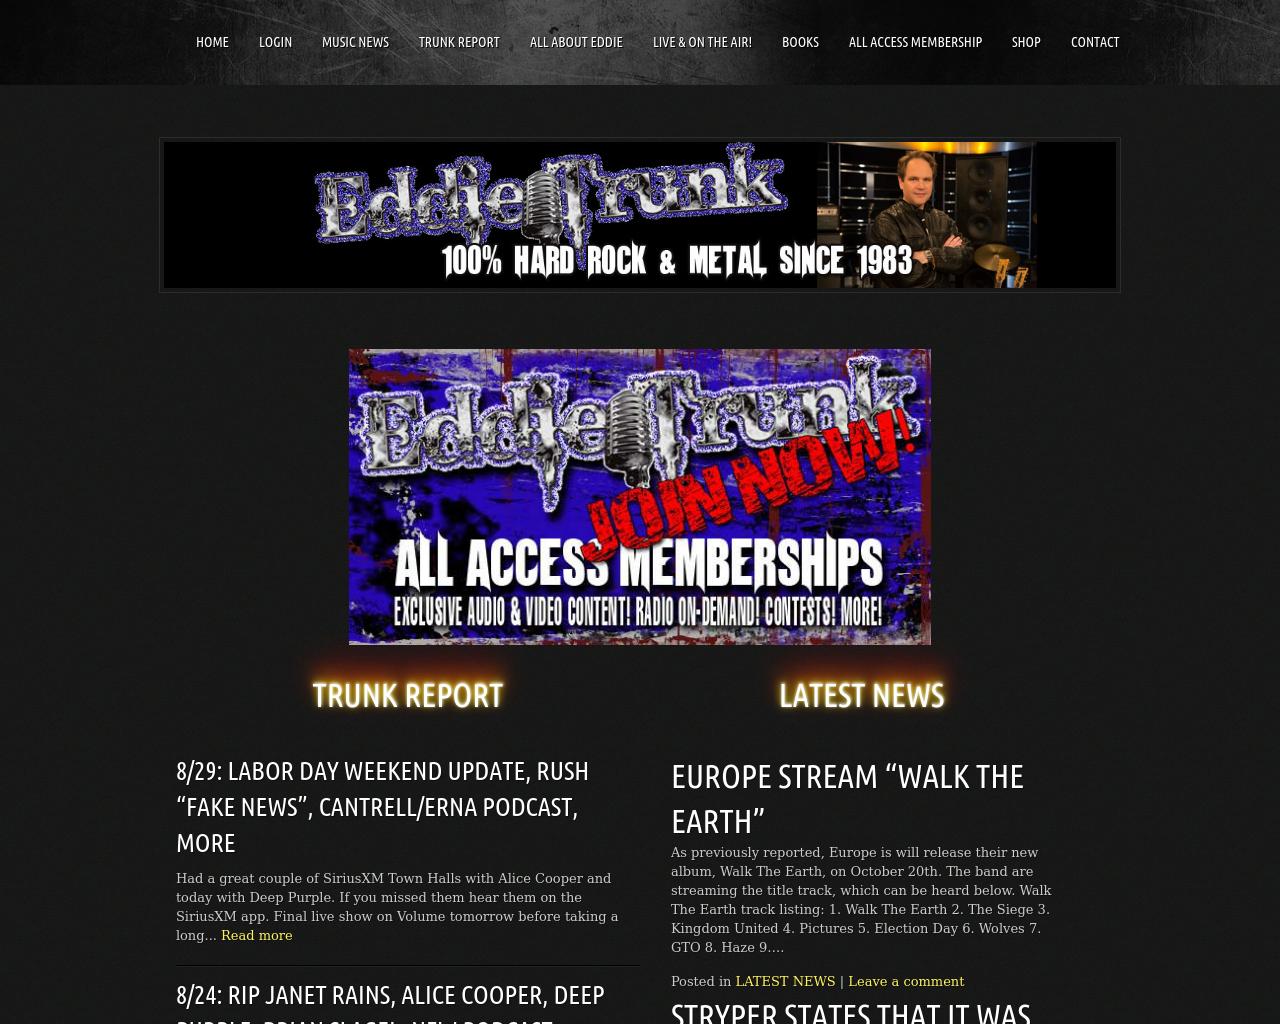 Eddie-Trunk-Advertising-Reviews-Pricing